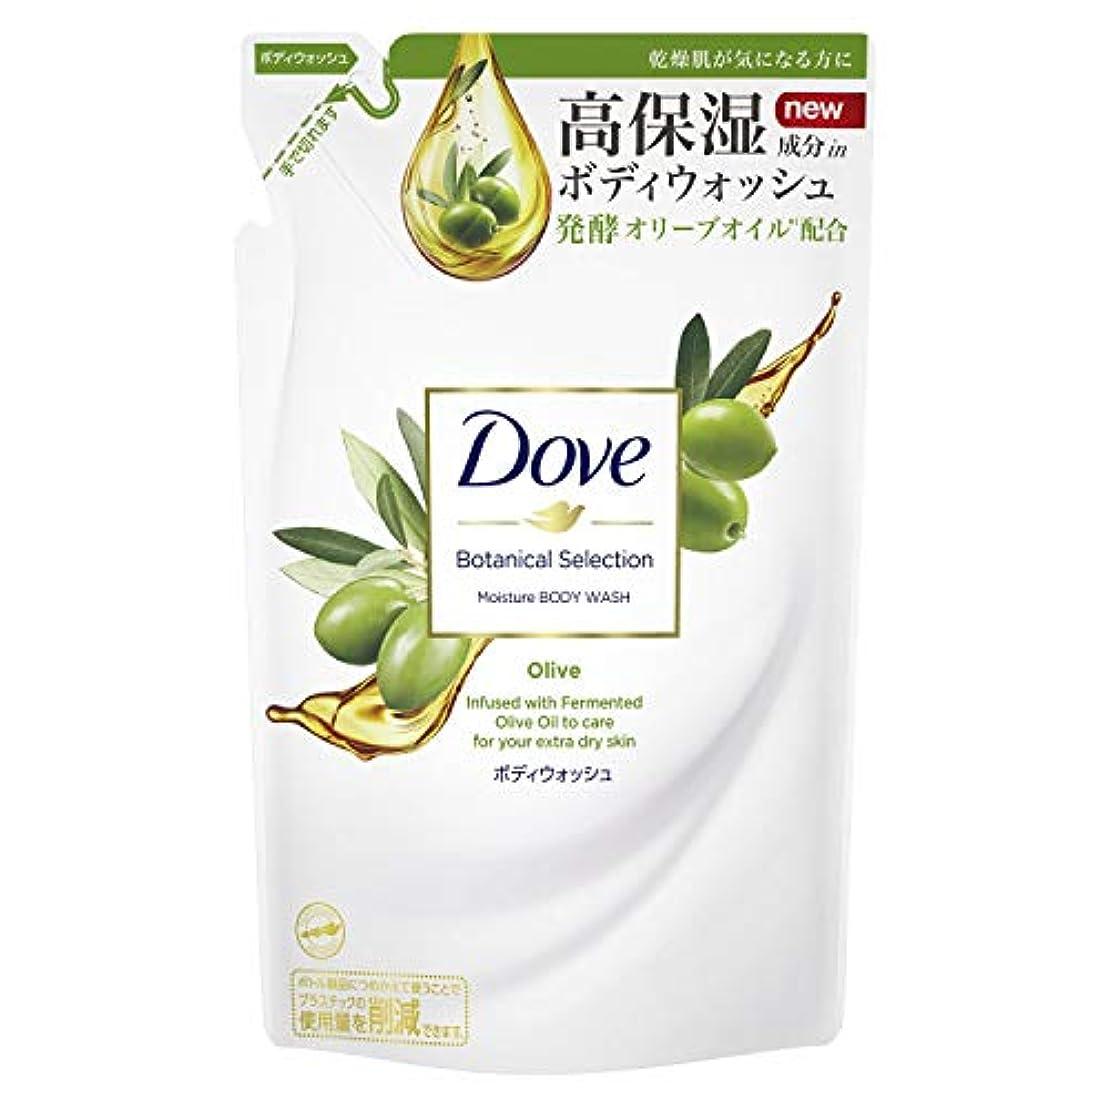 熟読蒸発壁紙Dove(ダヴ) ダヴ ボディウォッシュ ボタニカルセレクション オリーブ つめかえ用 360g ボディソープ